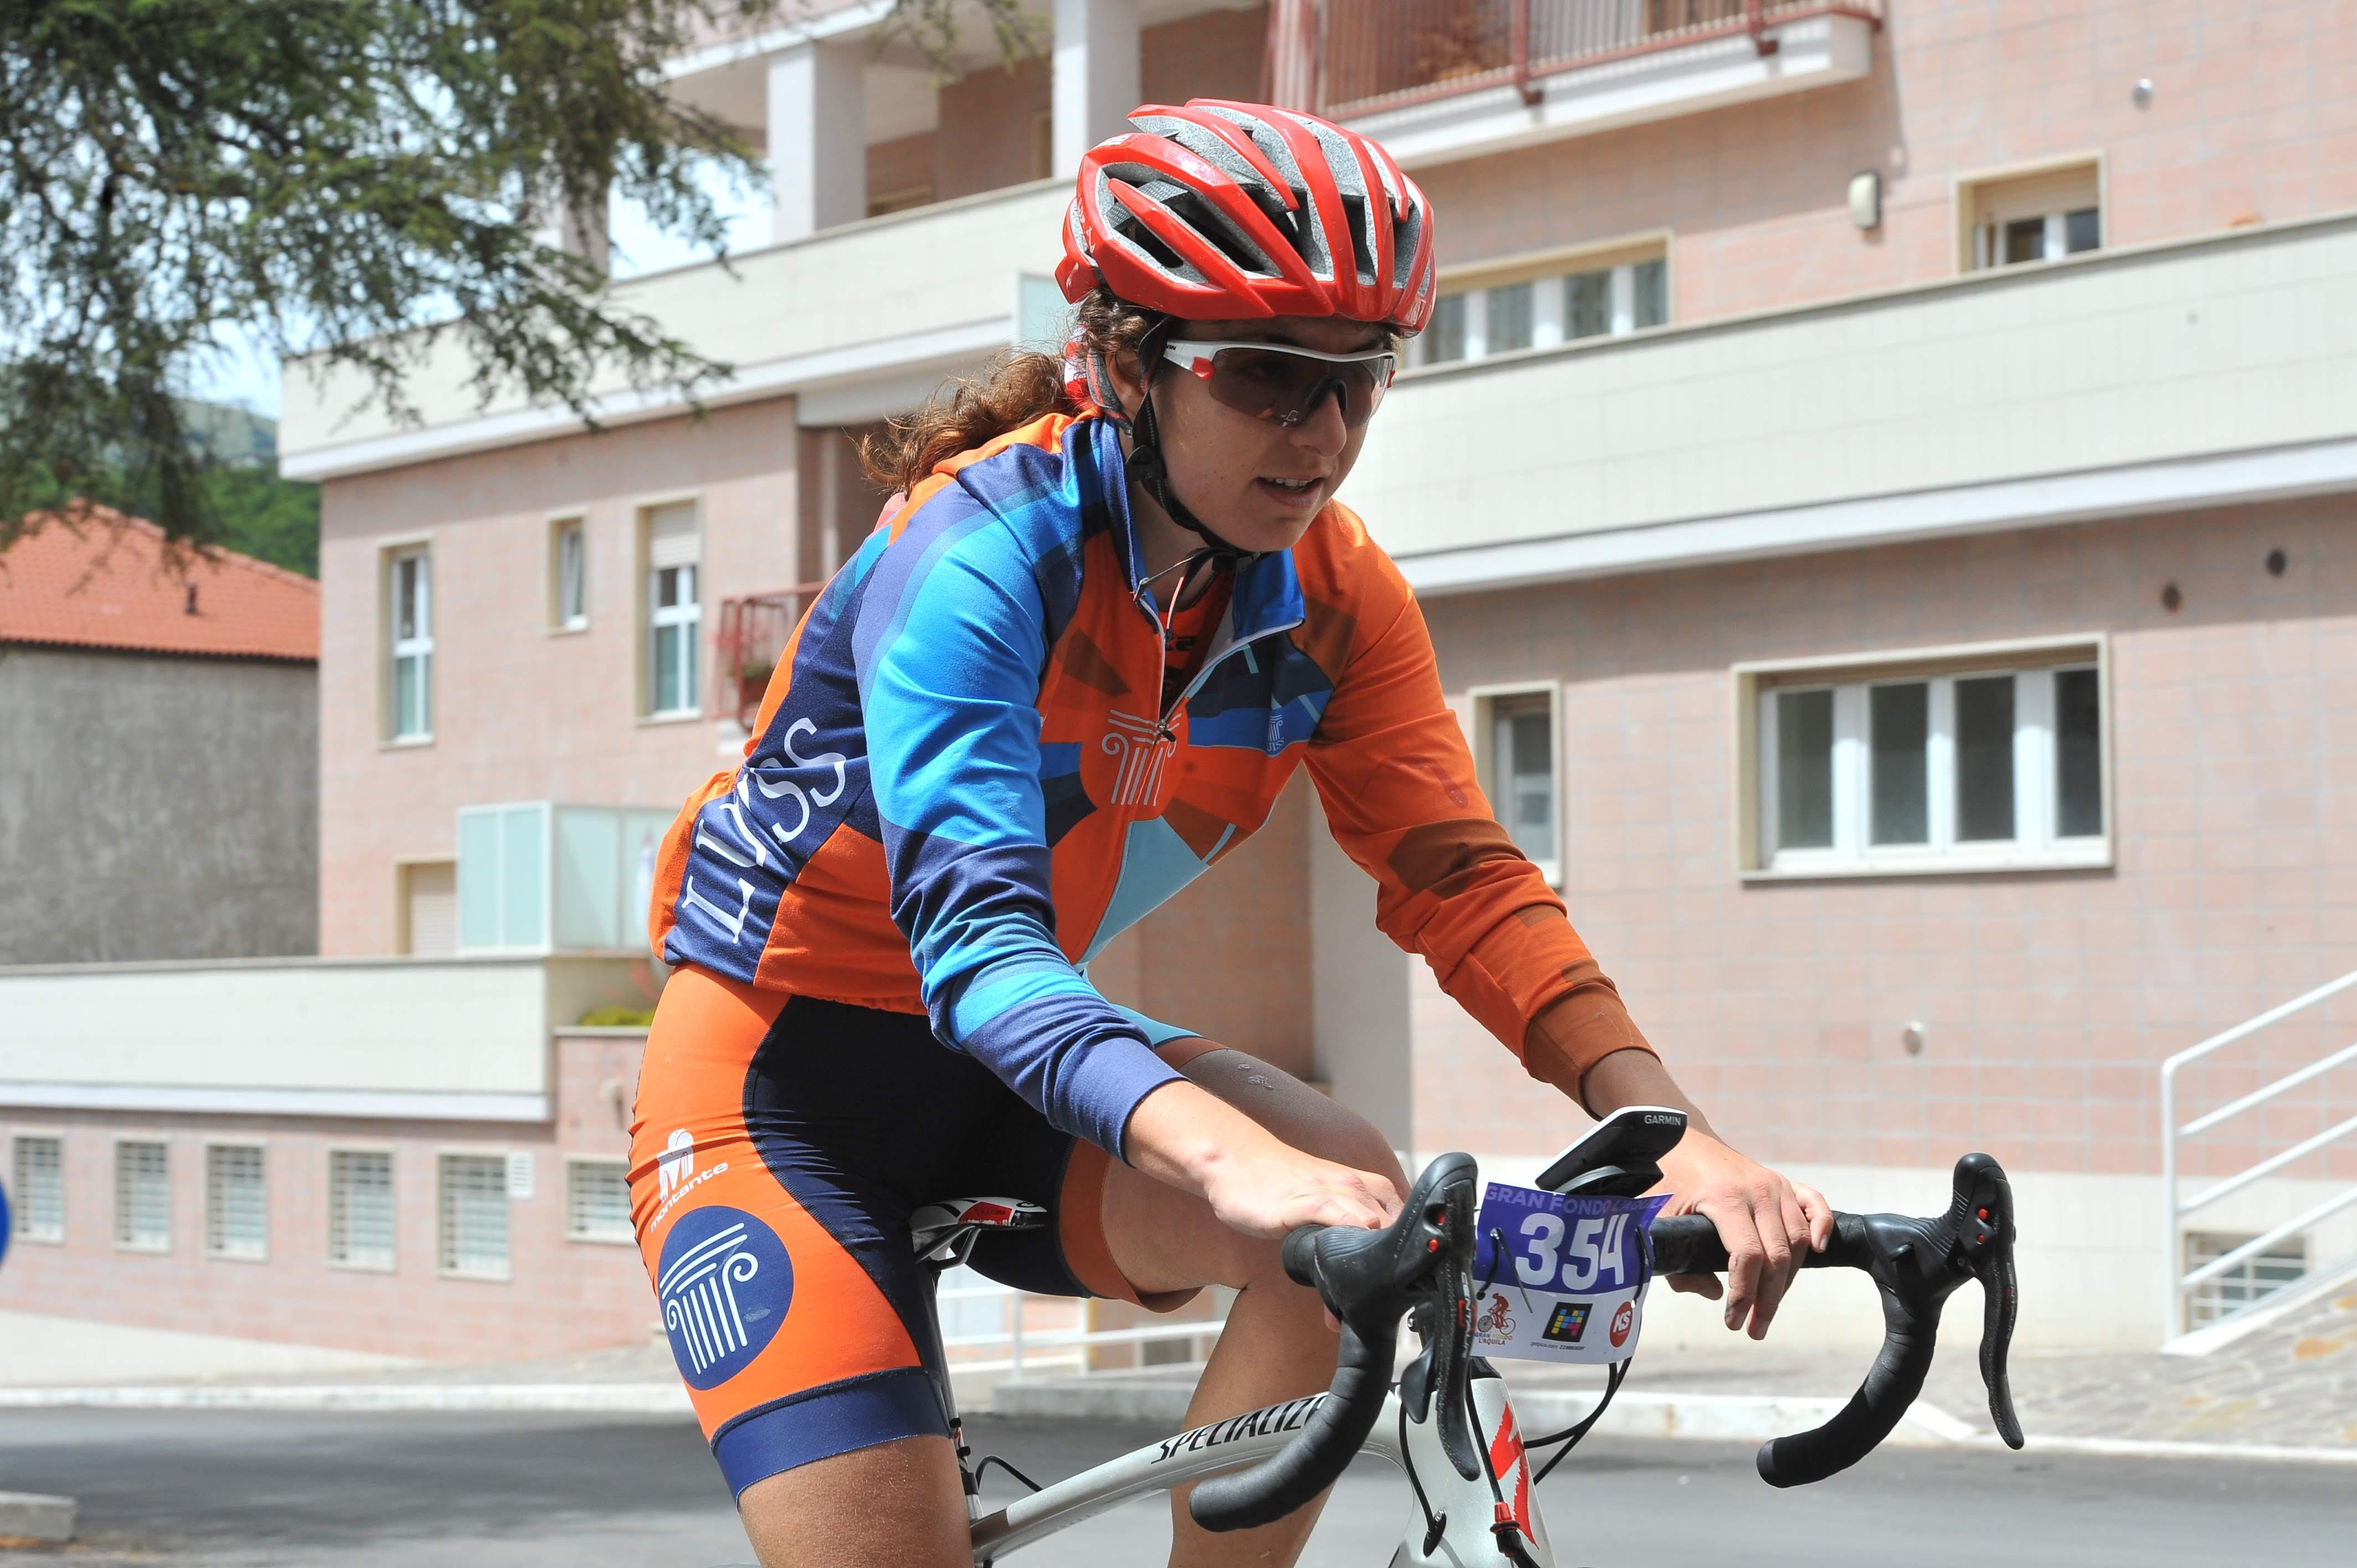 Elena Serangeli